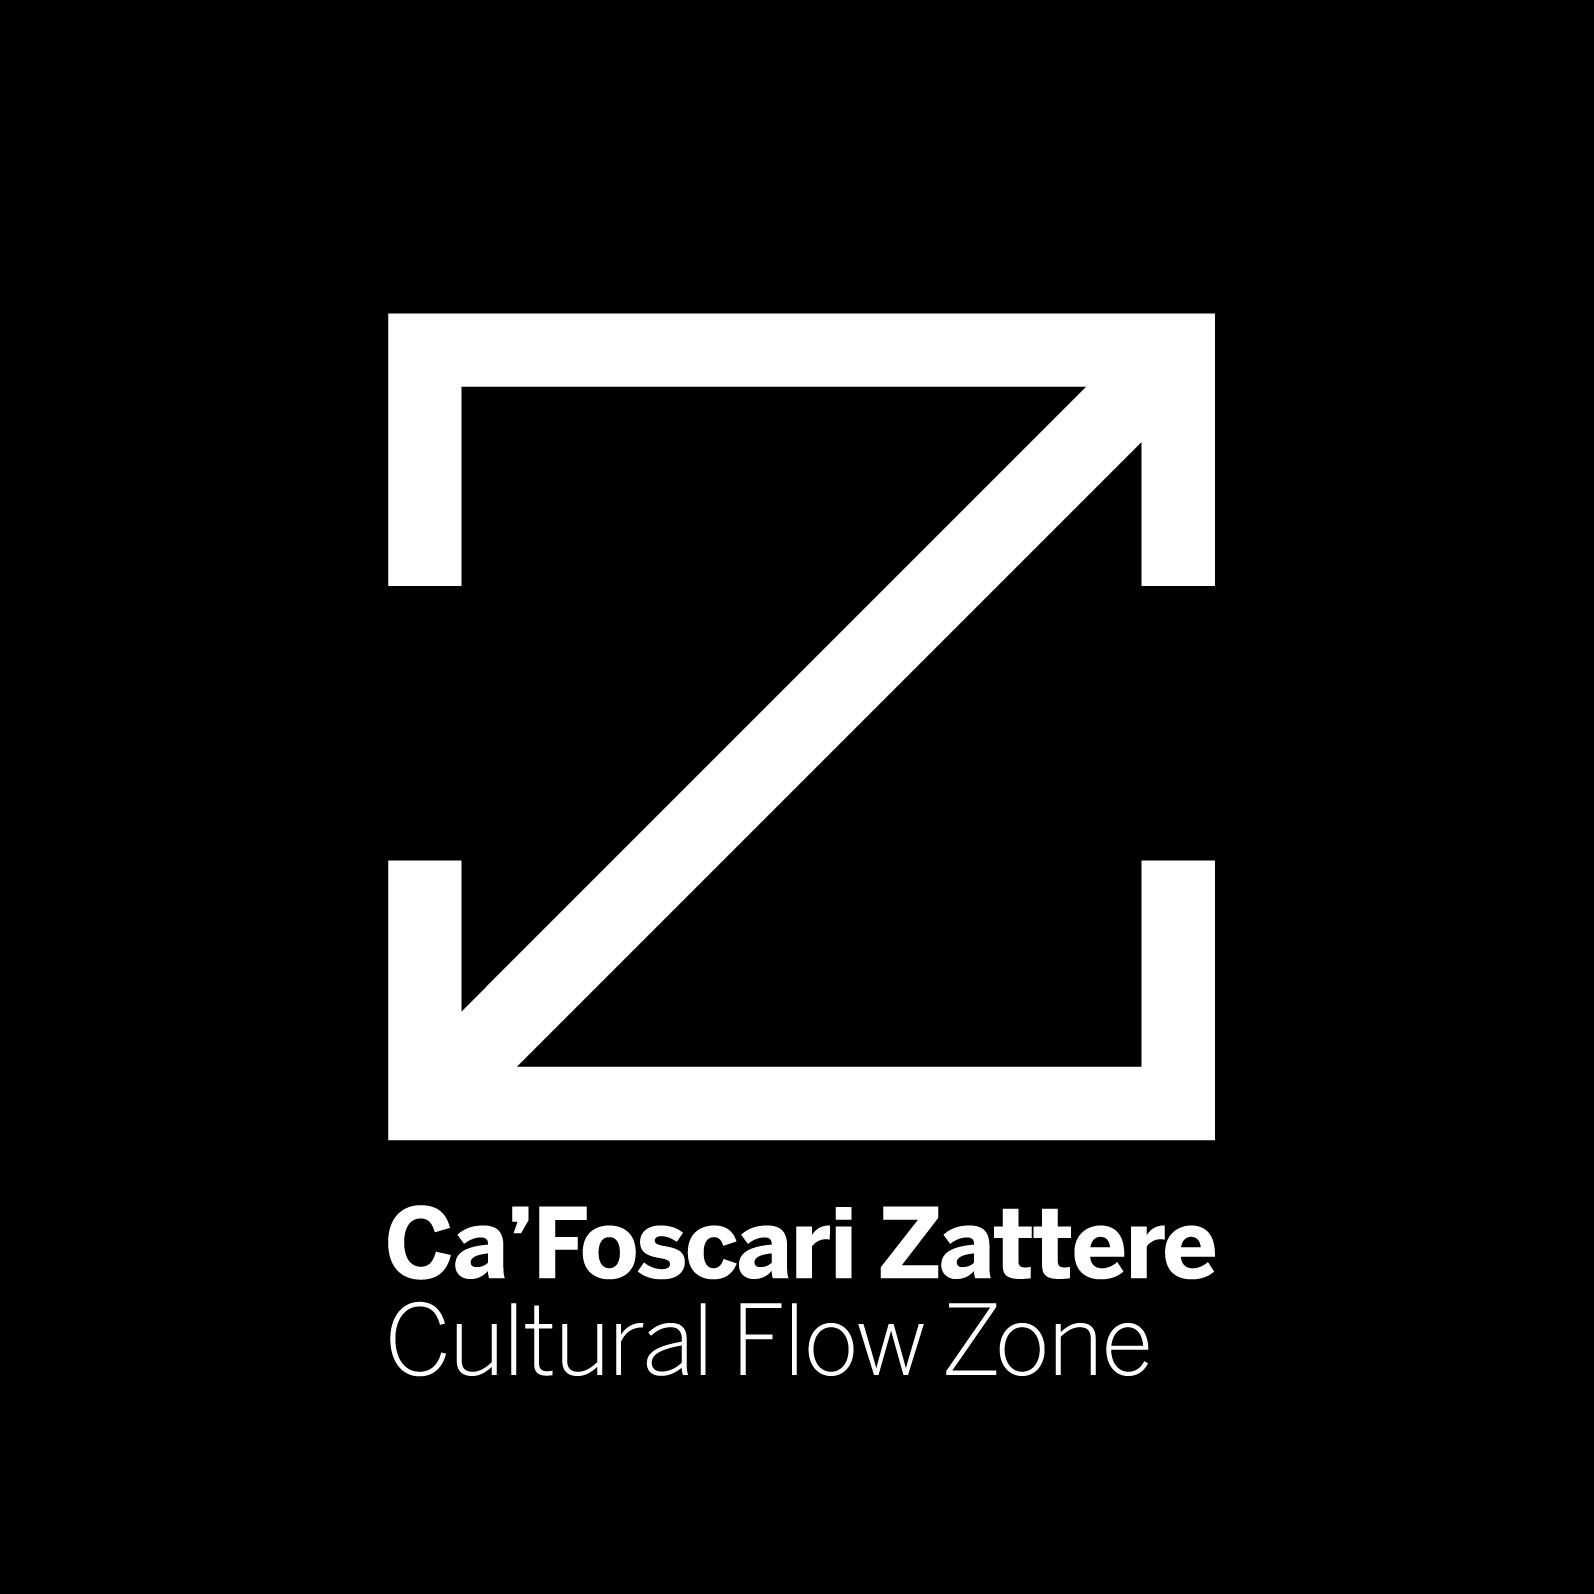 Ca-Foscari-Zattere